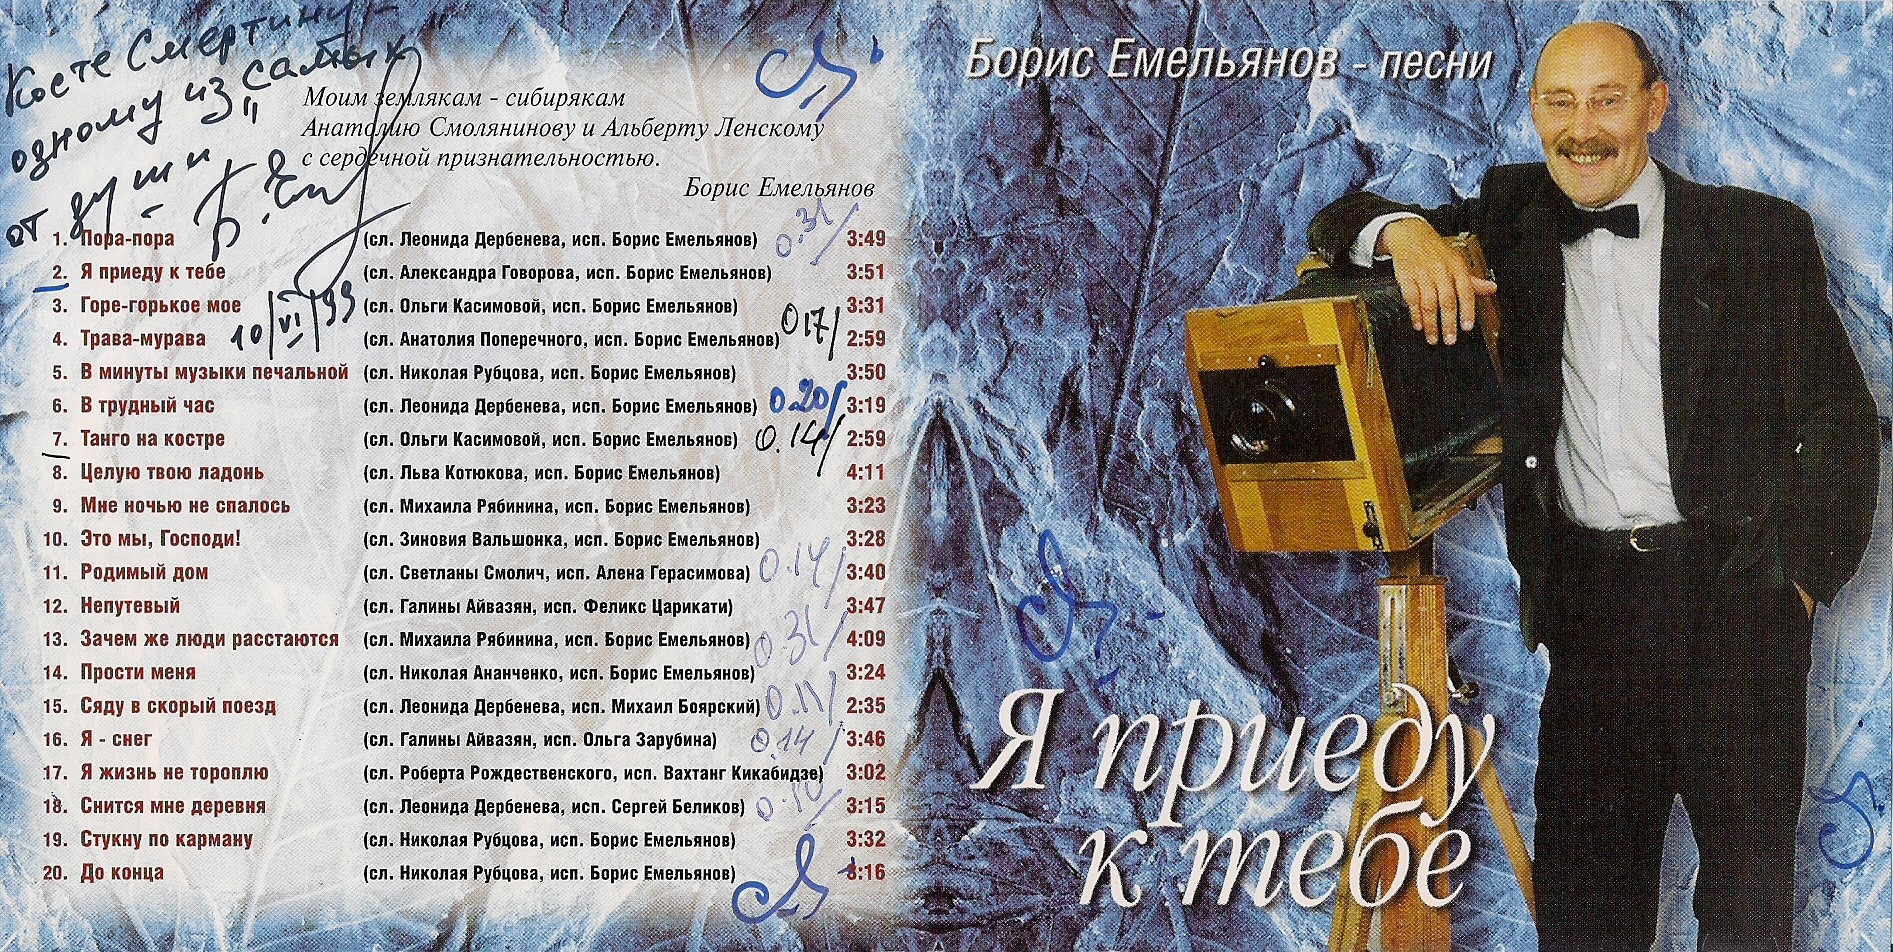 Название: _Эти песни Б.Емельянова  звучали на Маяке.jpg Просмотров: 91  Размер: 1.03 Мб